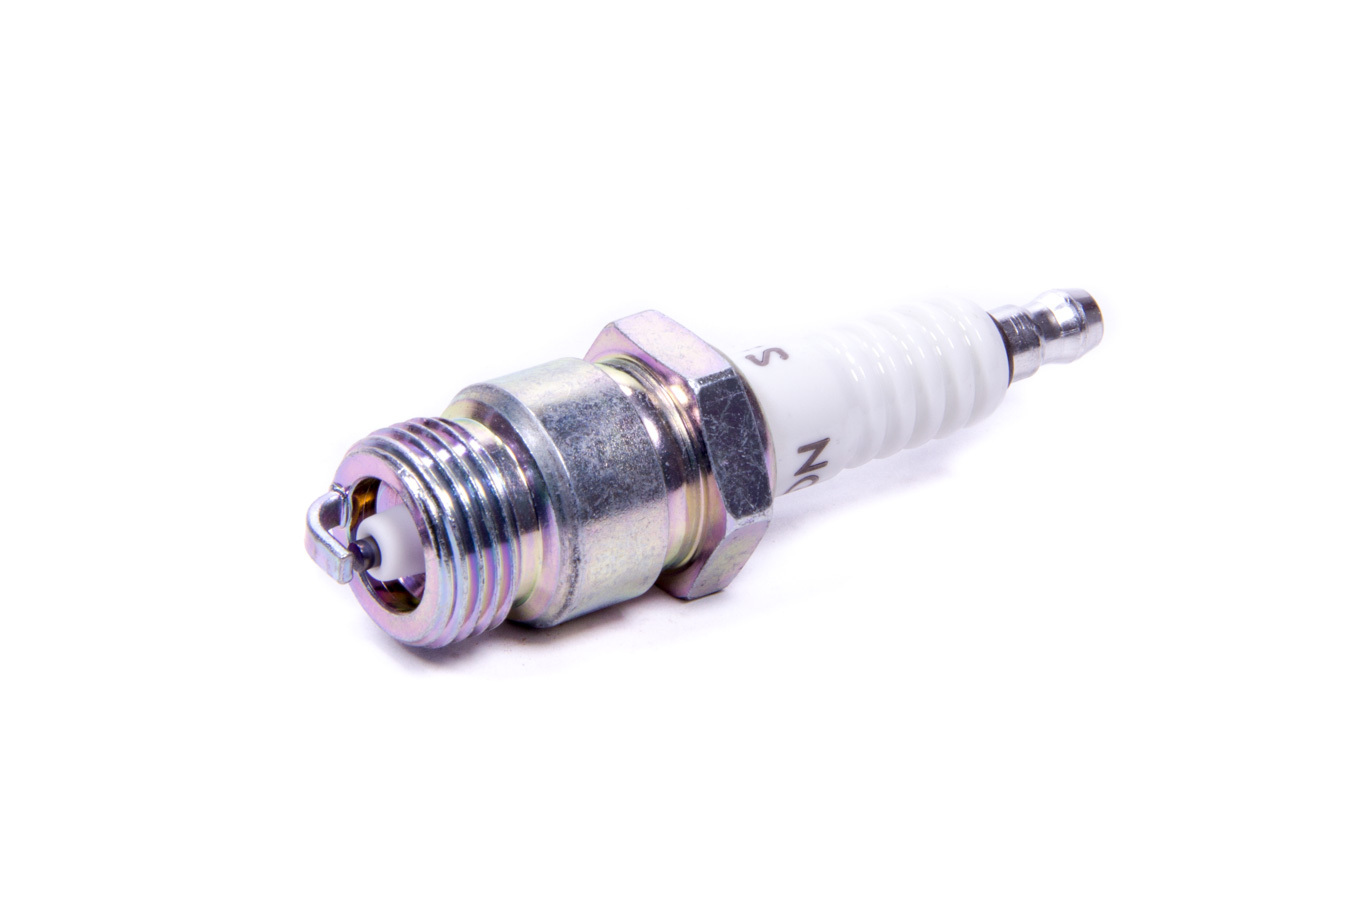 Ngk Spark Plug Stock 2227